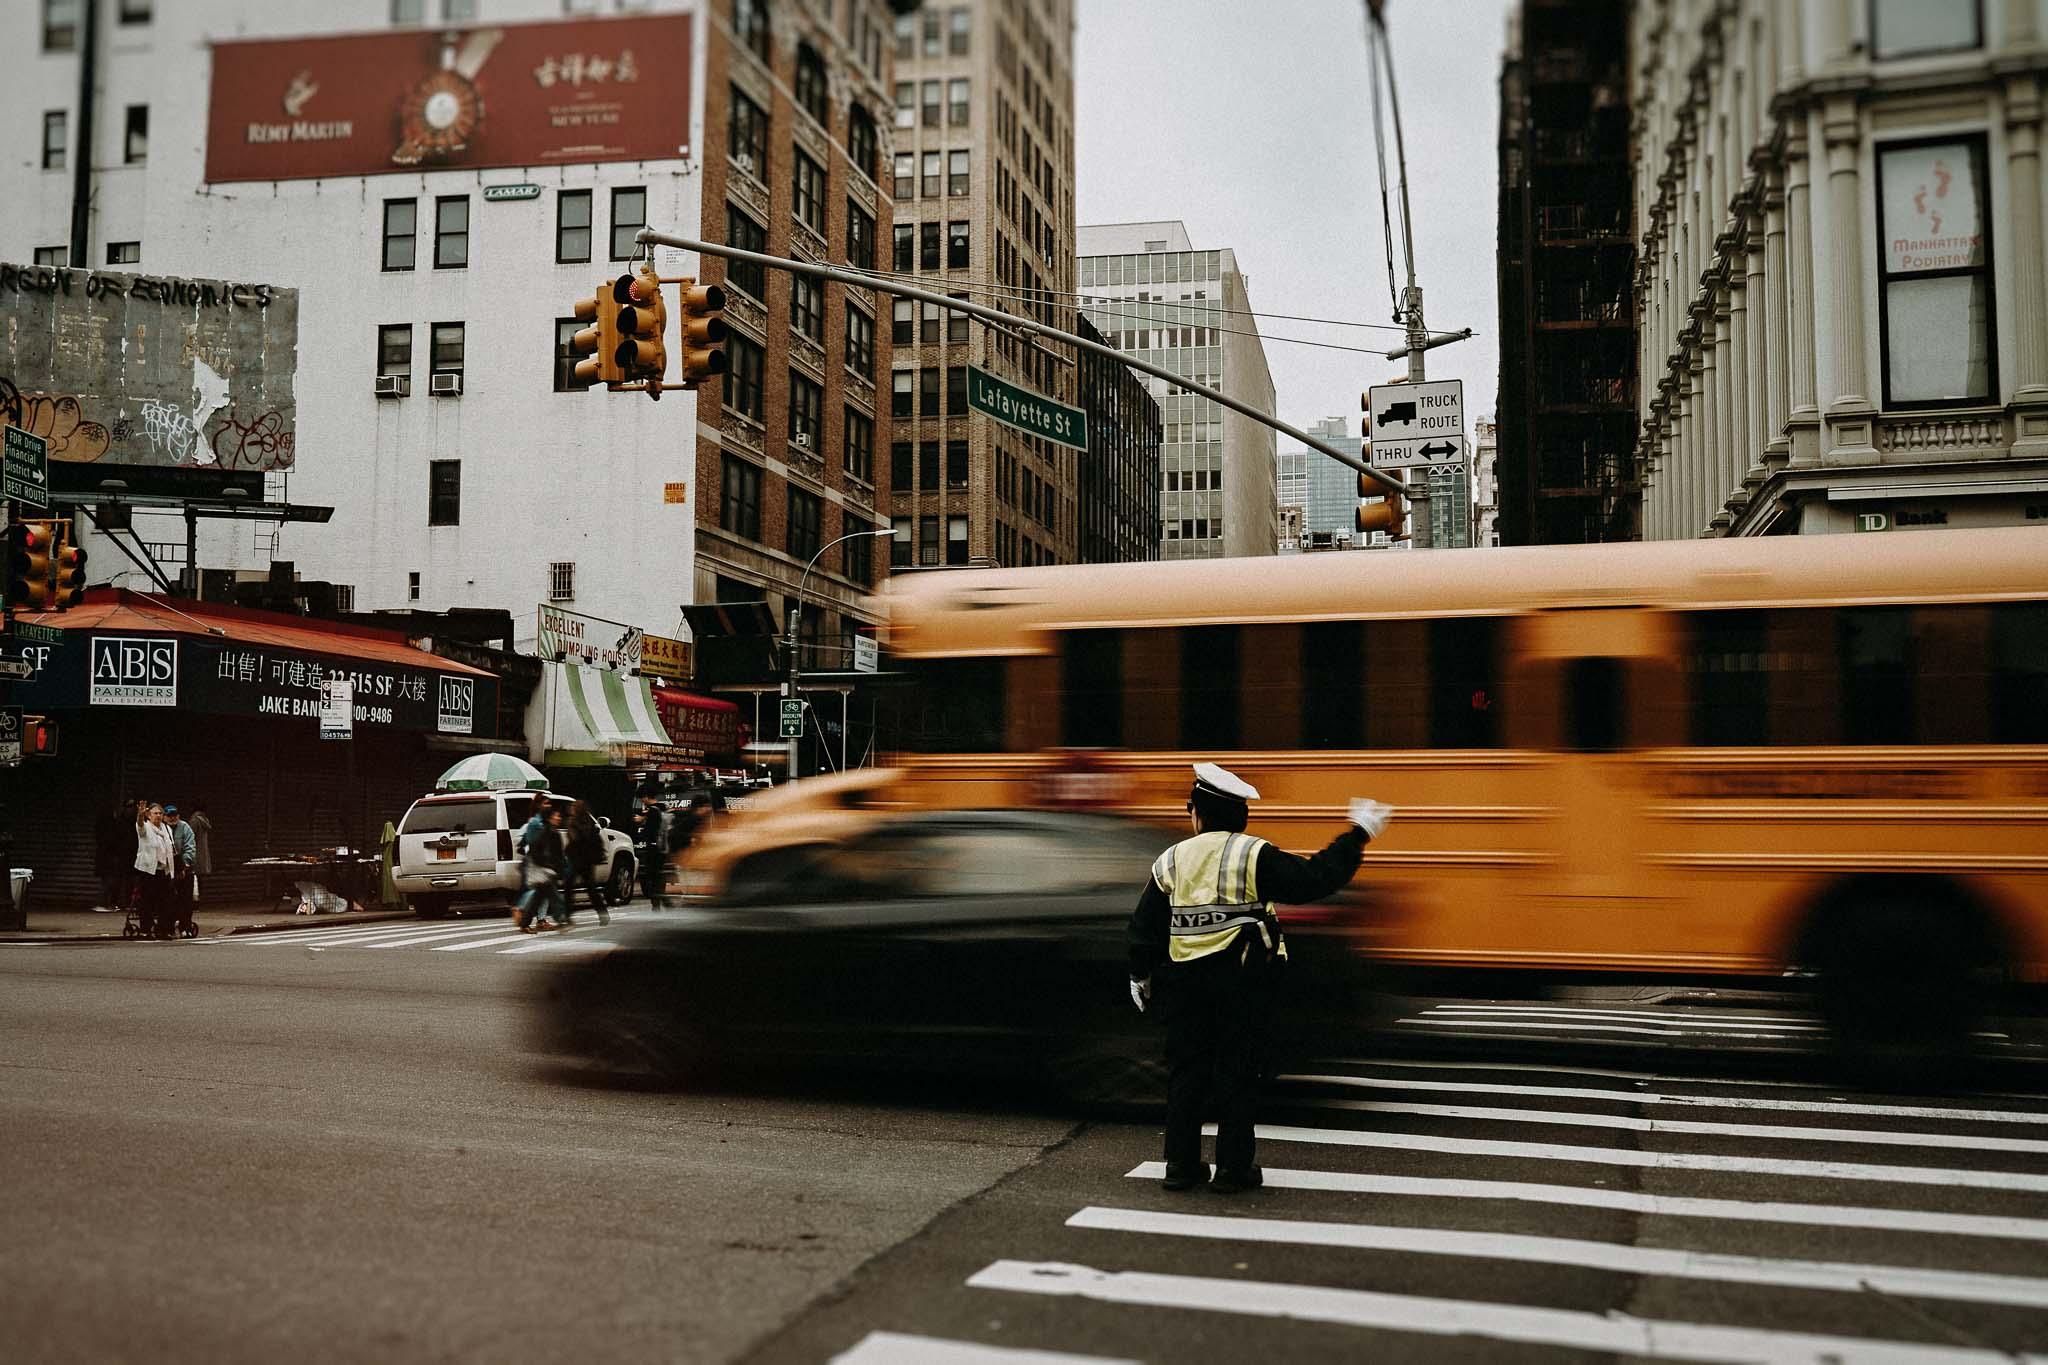 rumbo workshop NYC